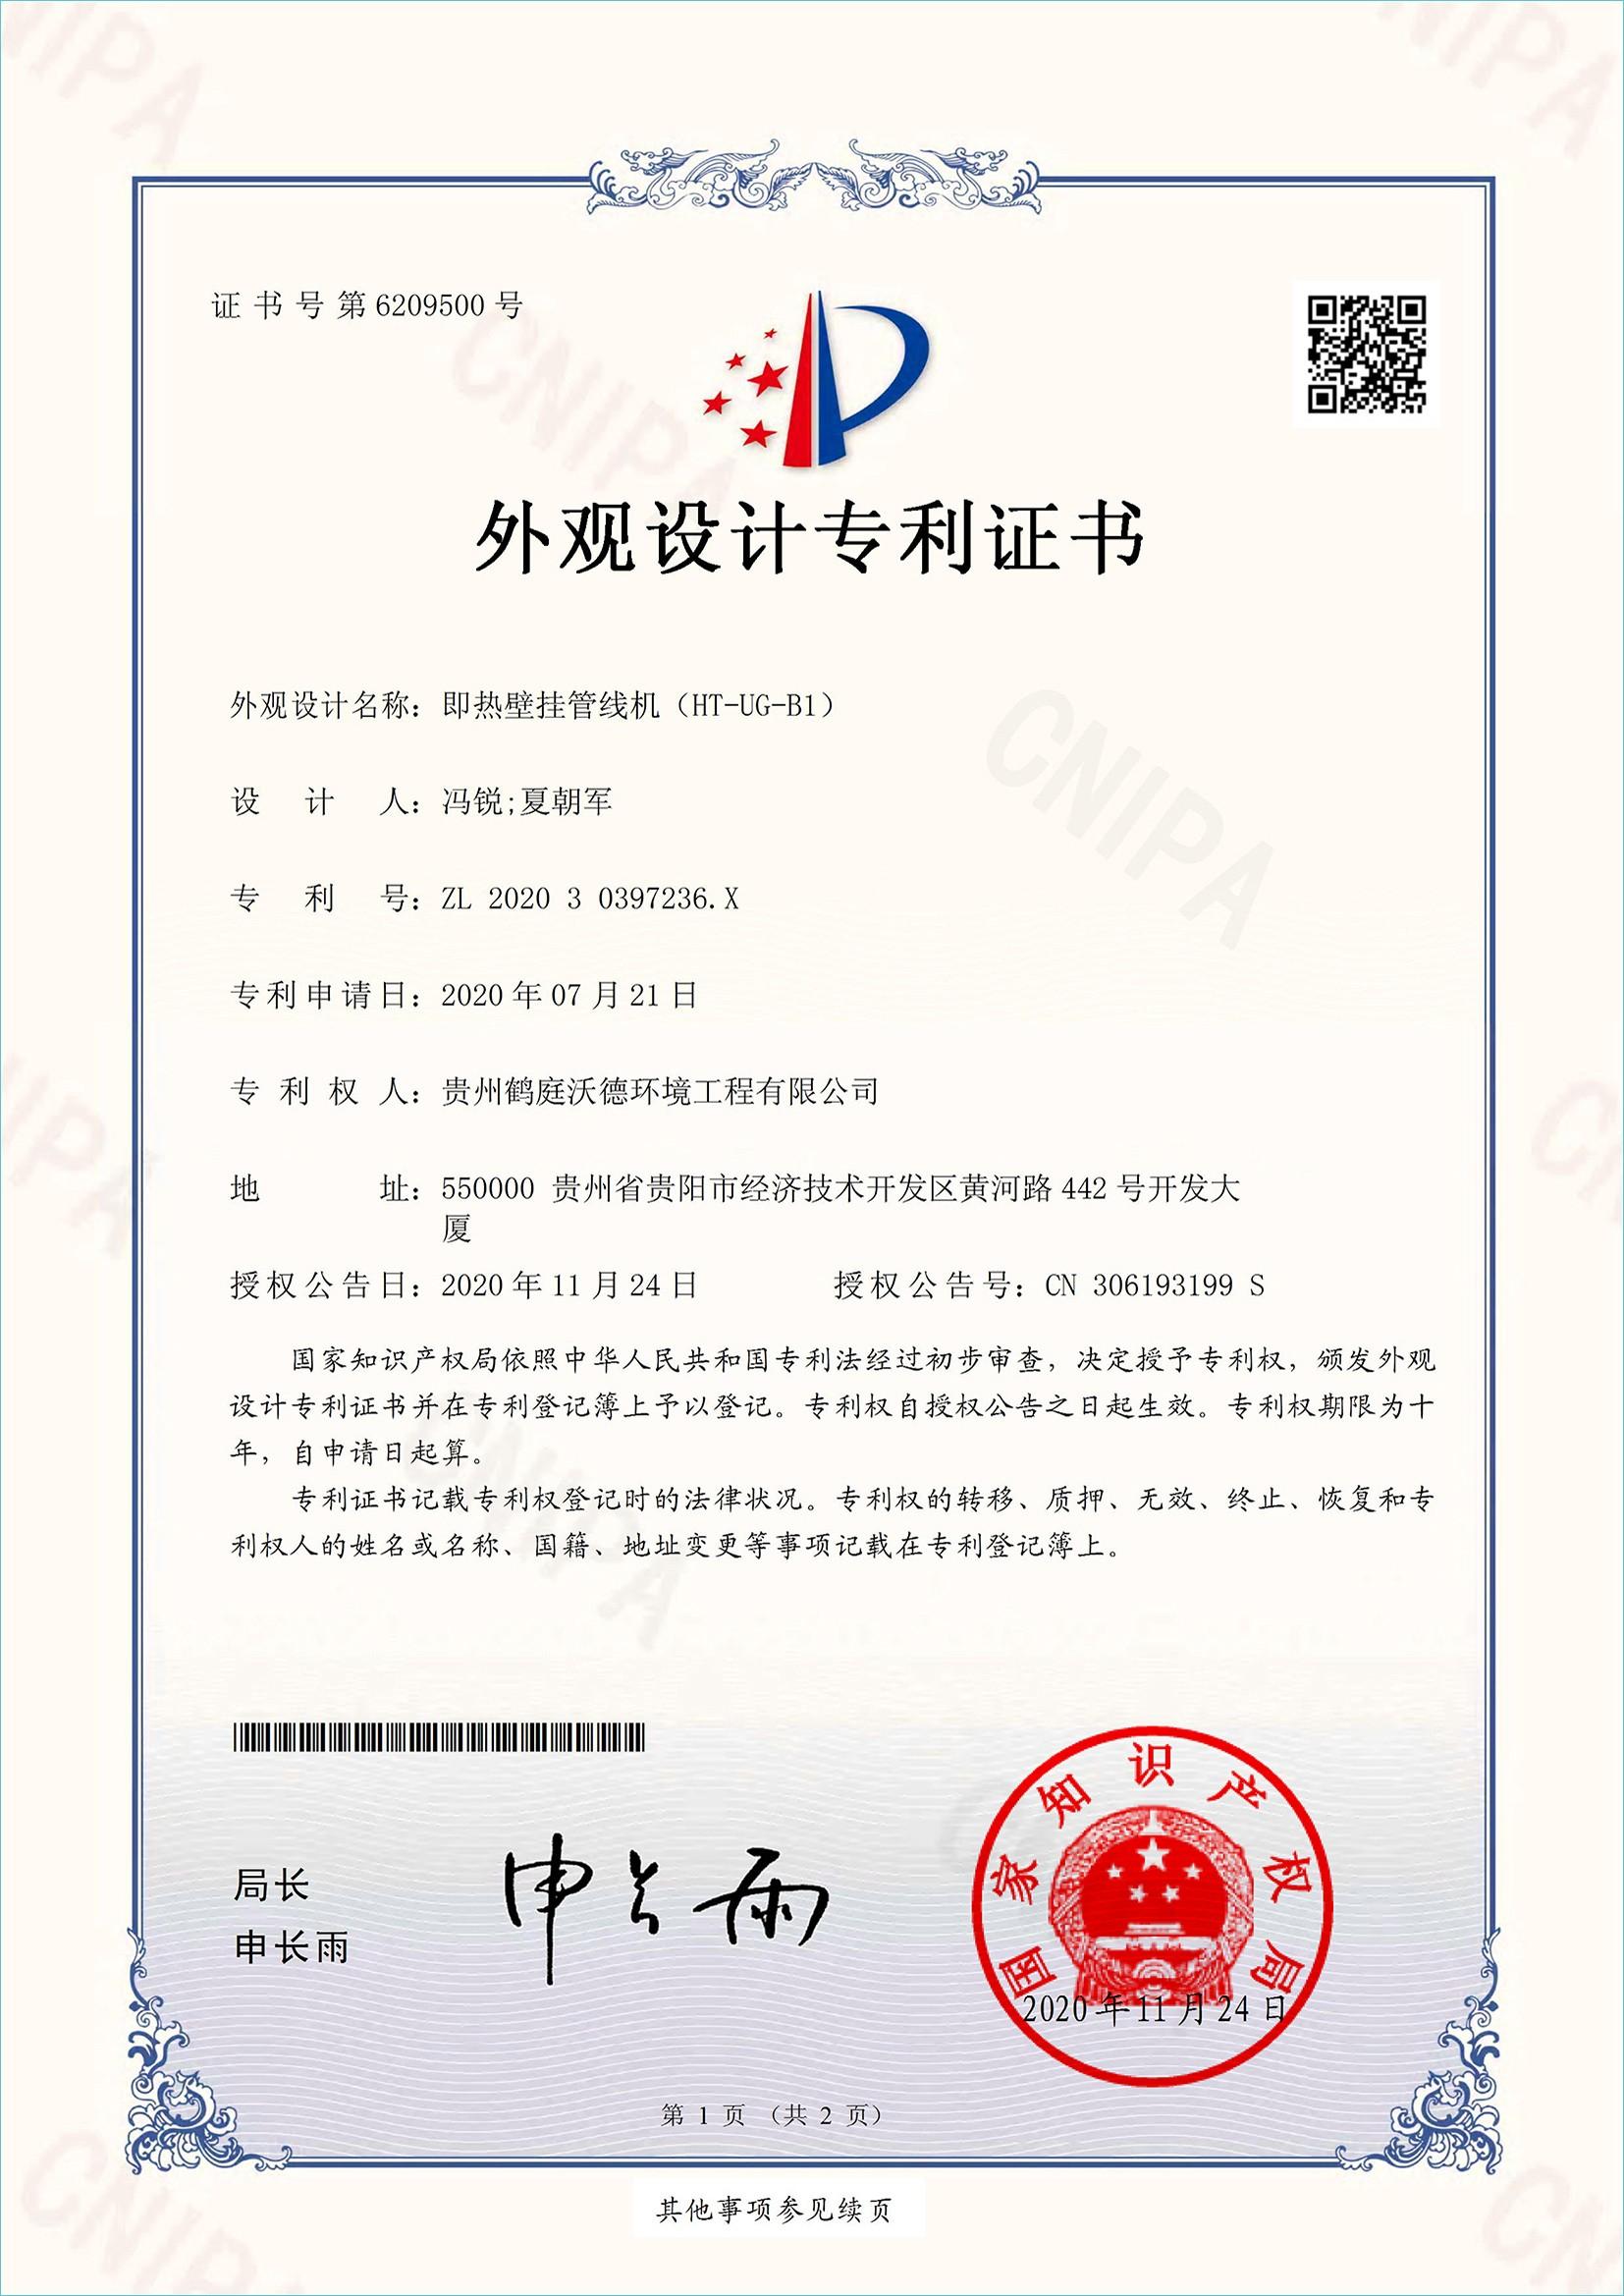 鹤庭专利证书5件_00